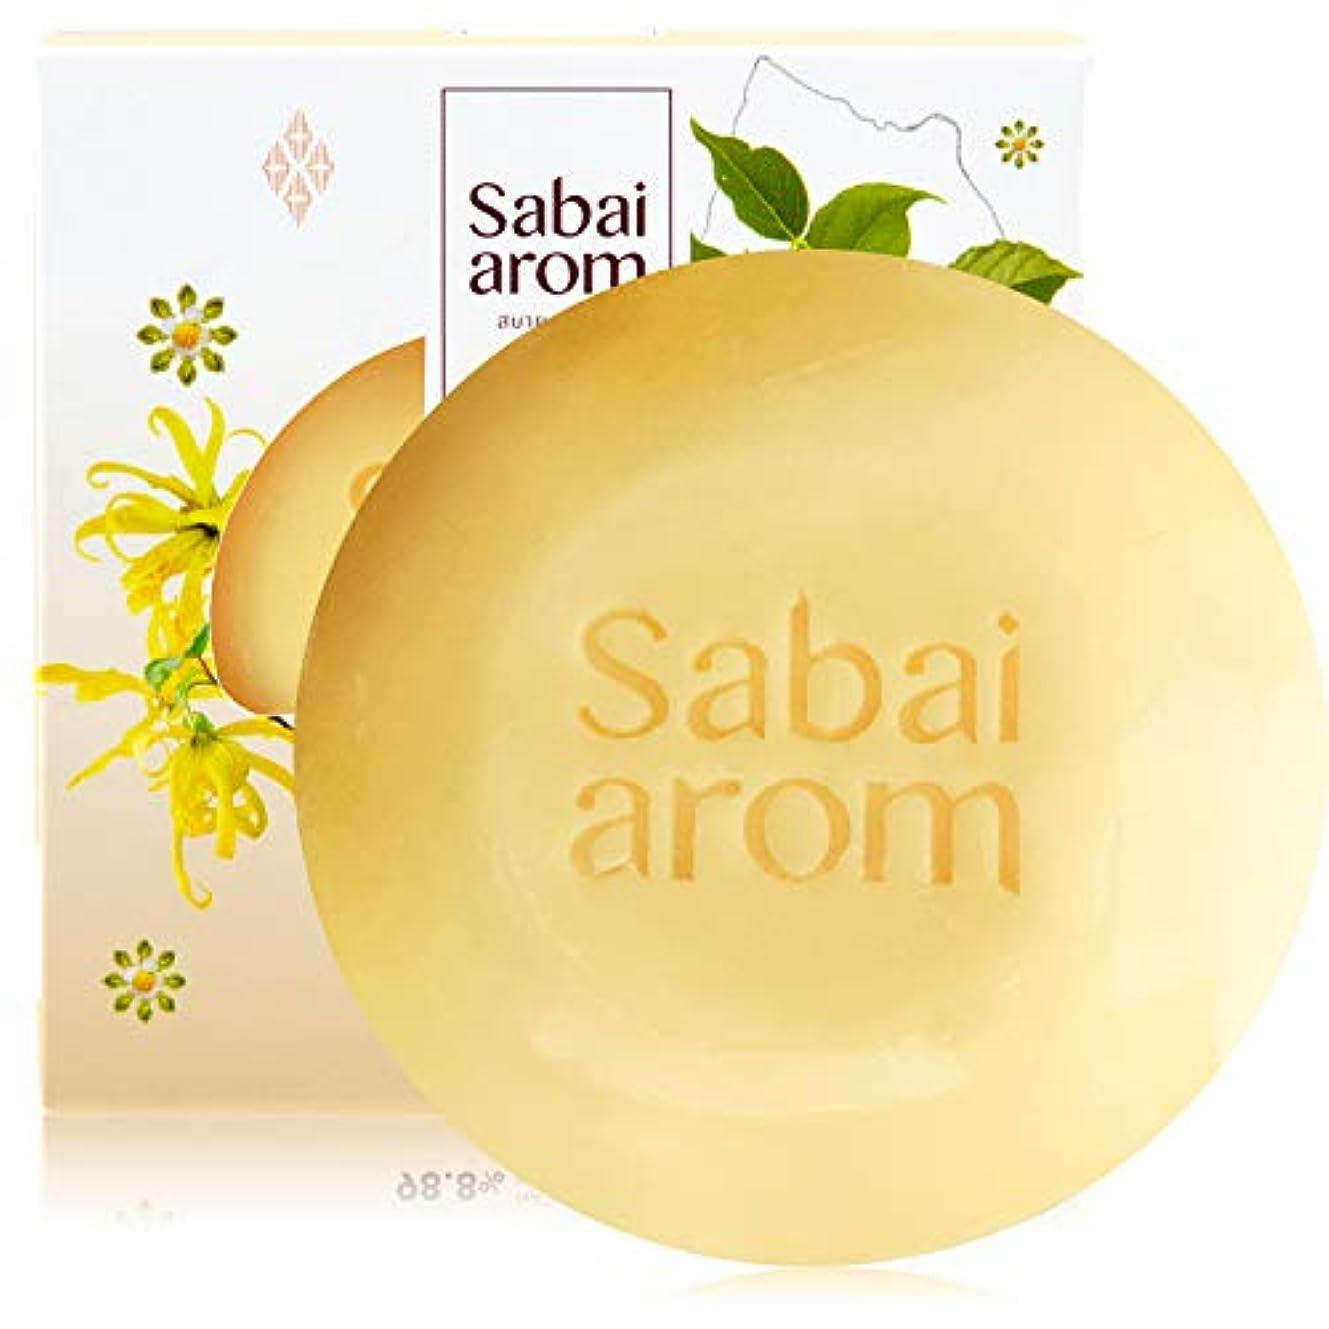 品揃えめまいゲージサバイアロム(Sabai-arom) ロイヤル サイアミーズ ブロッサムズ フェイス&ボディソープバー (石鹸) 100g【SB】【001】